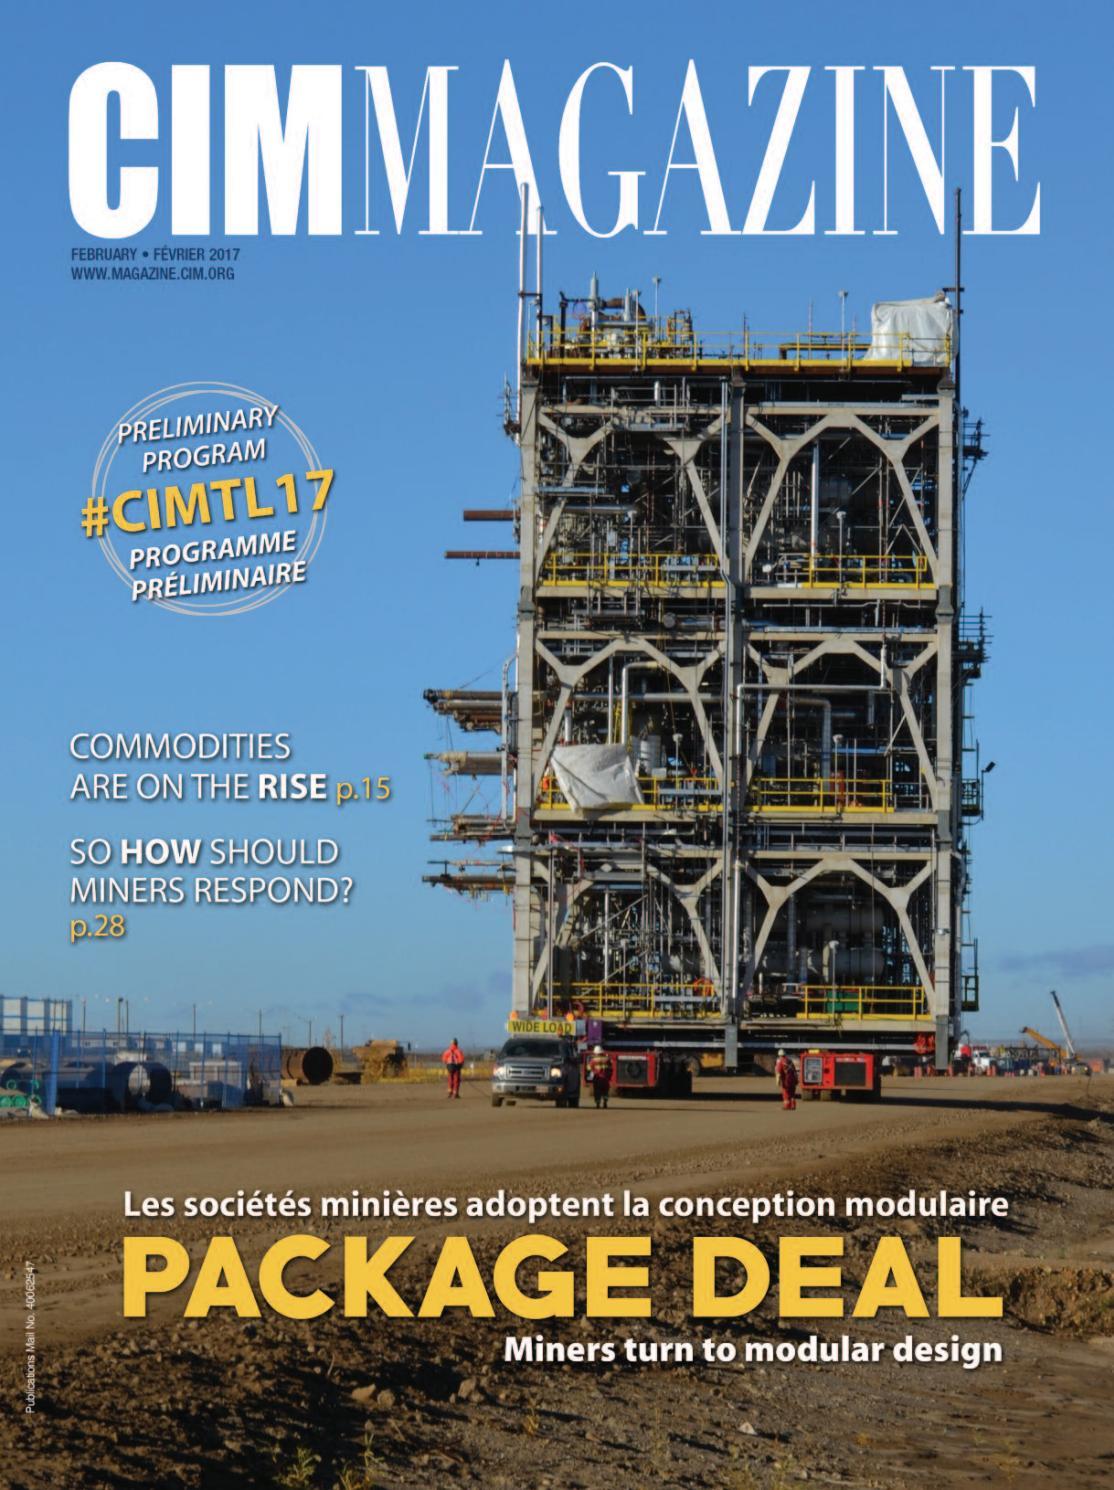 cim magazine february 2017